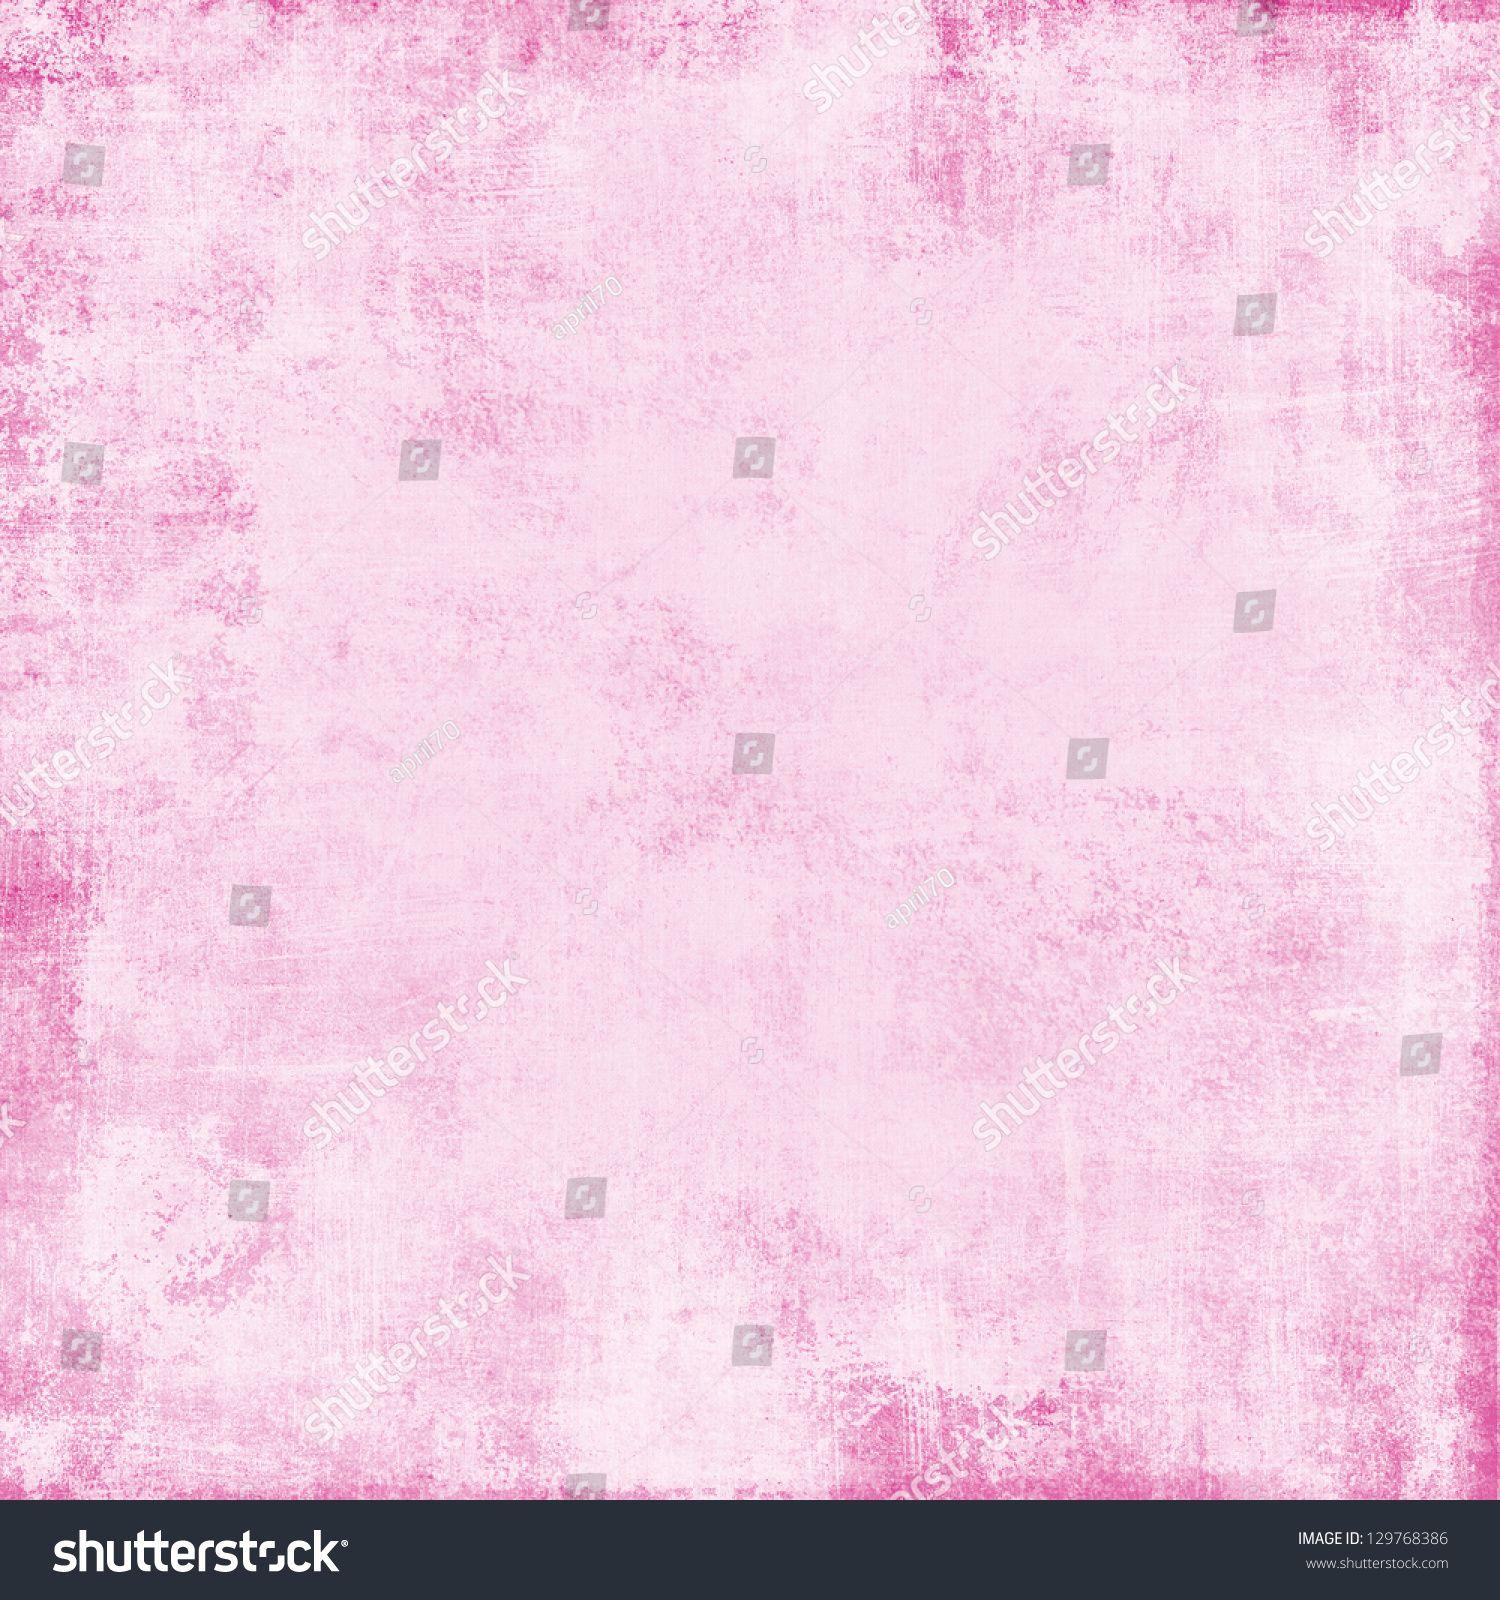 Pink Vintage Texture Background Sponsored Spon Vintage Pink Background Texture Vintage Texture Background Vintage Texture Textured Background